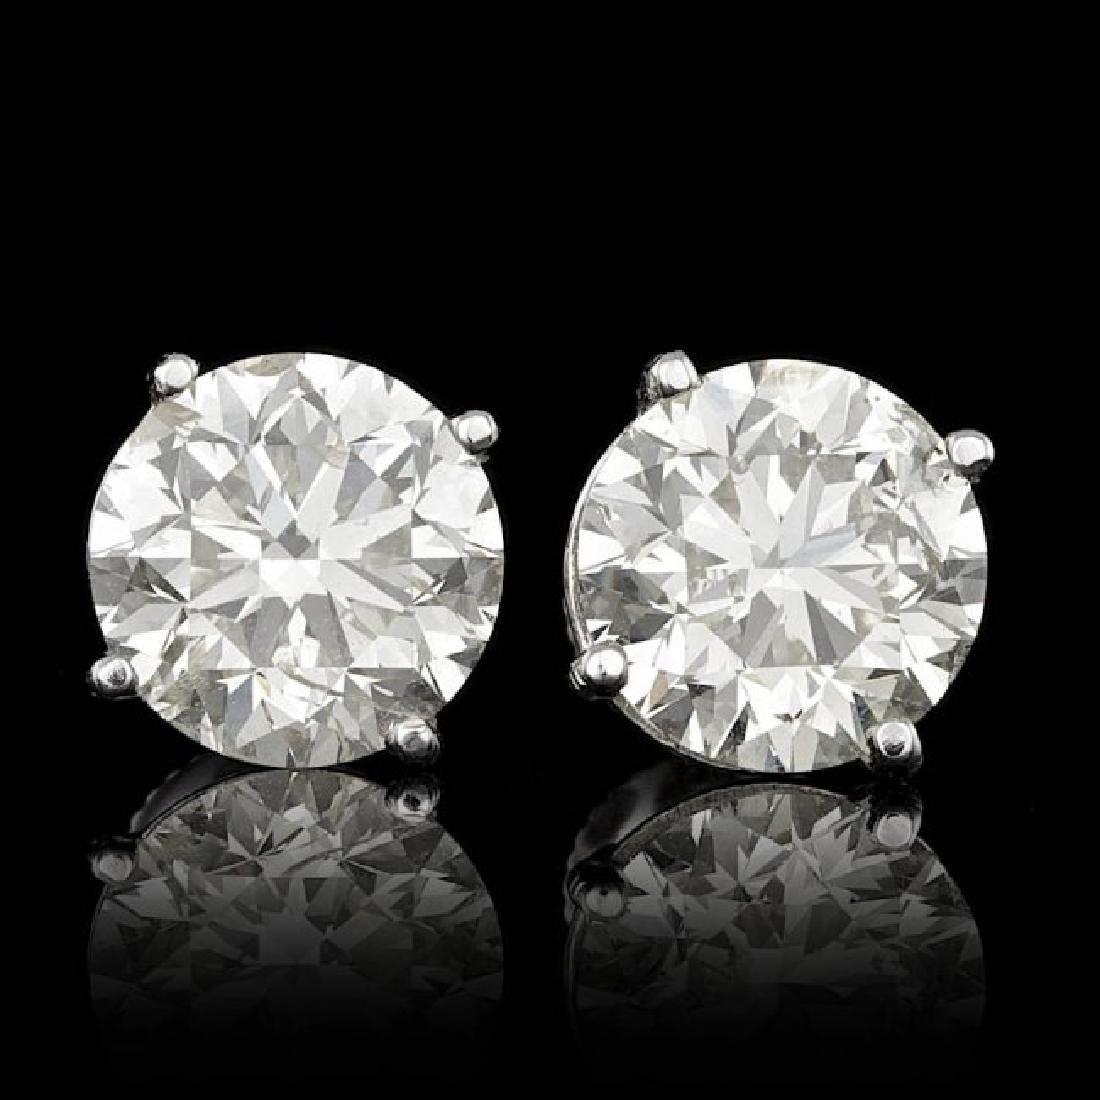 14k White Gold 5.09ct Diamond Earrings